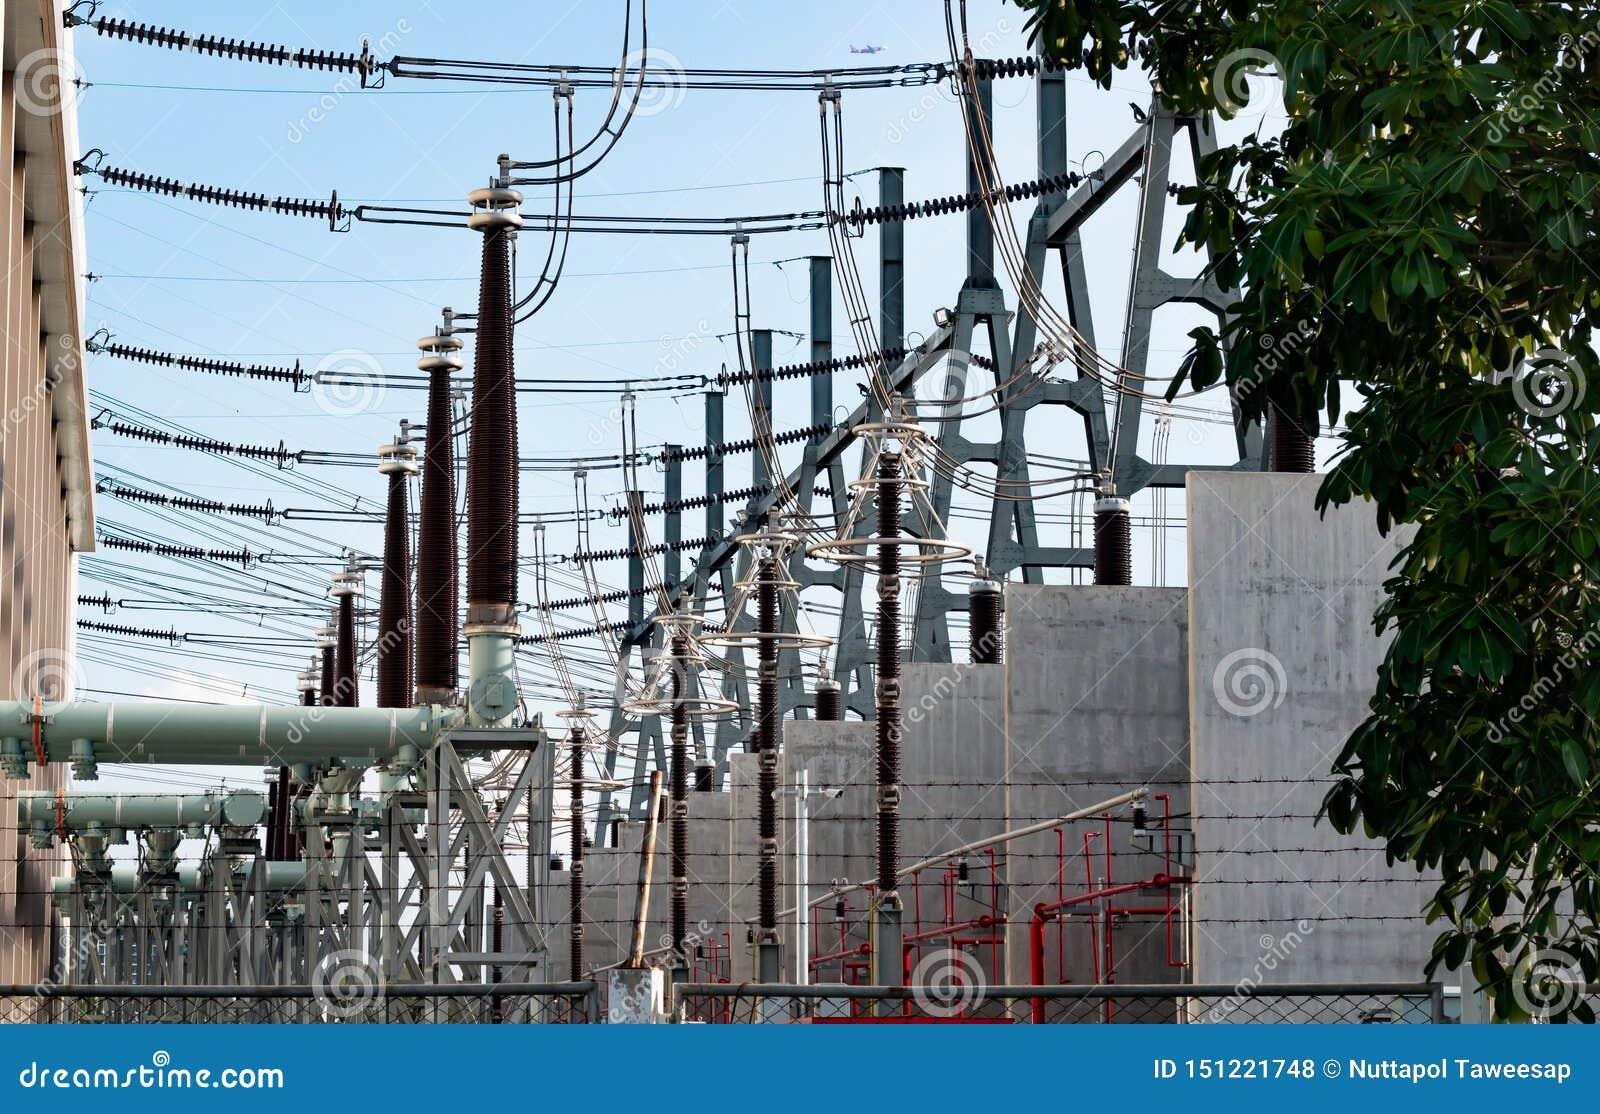 Tiros detalhados de uma central elétrica em Tailândia